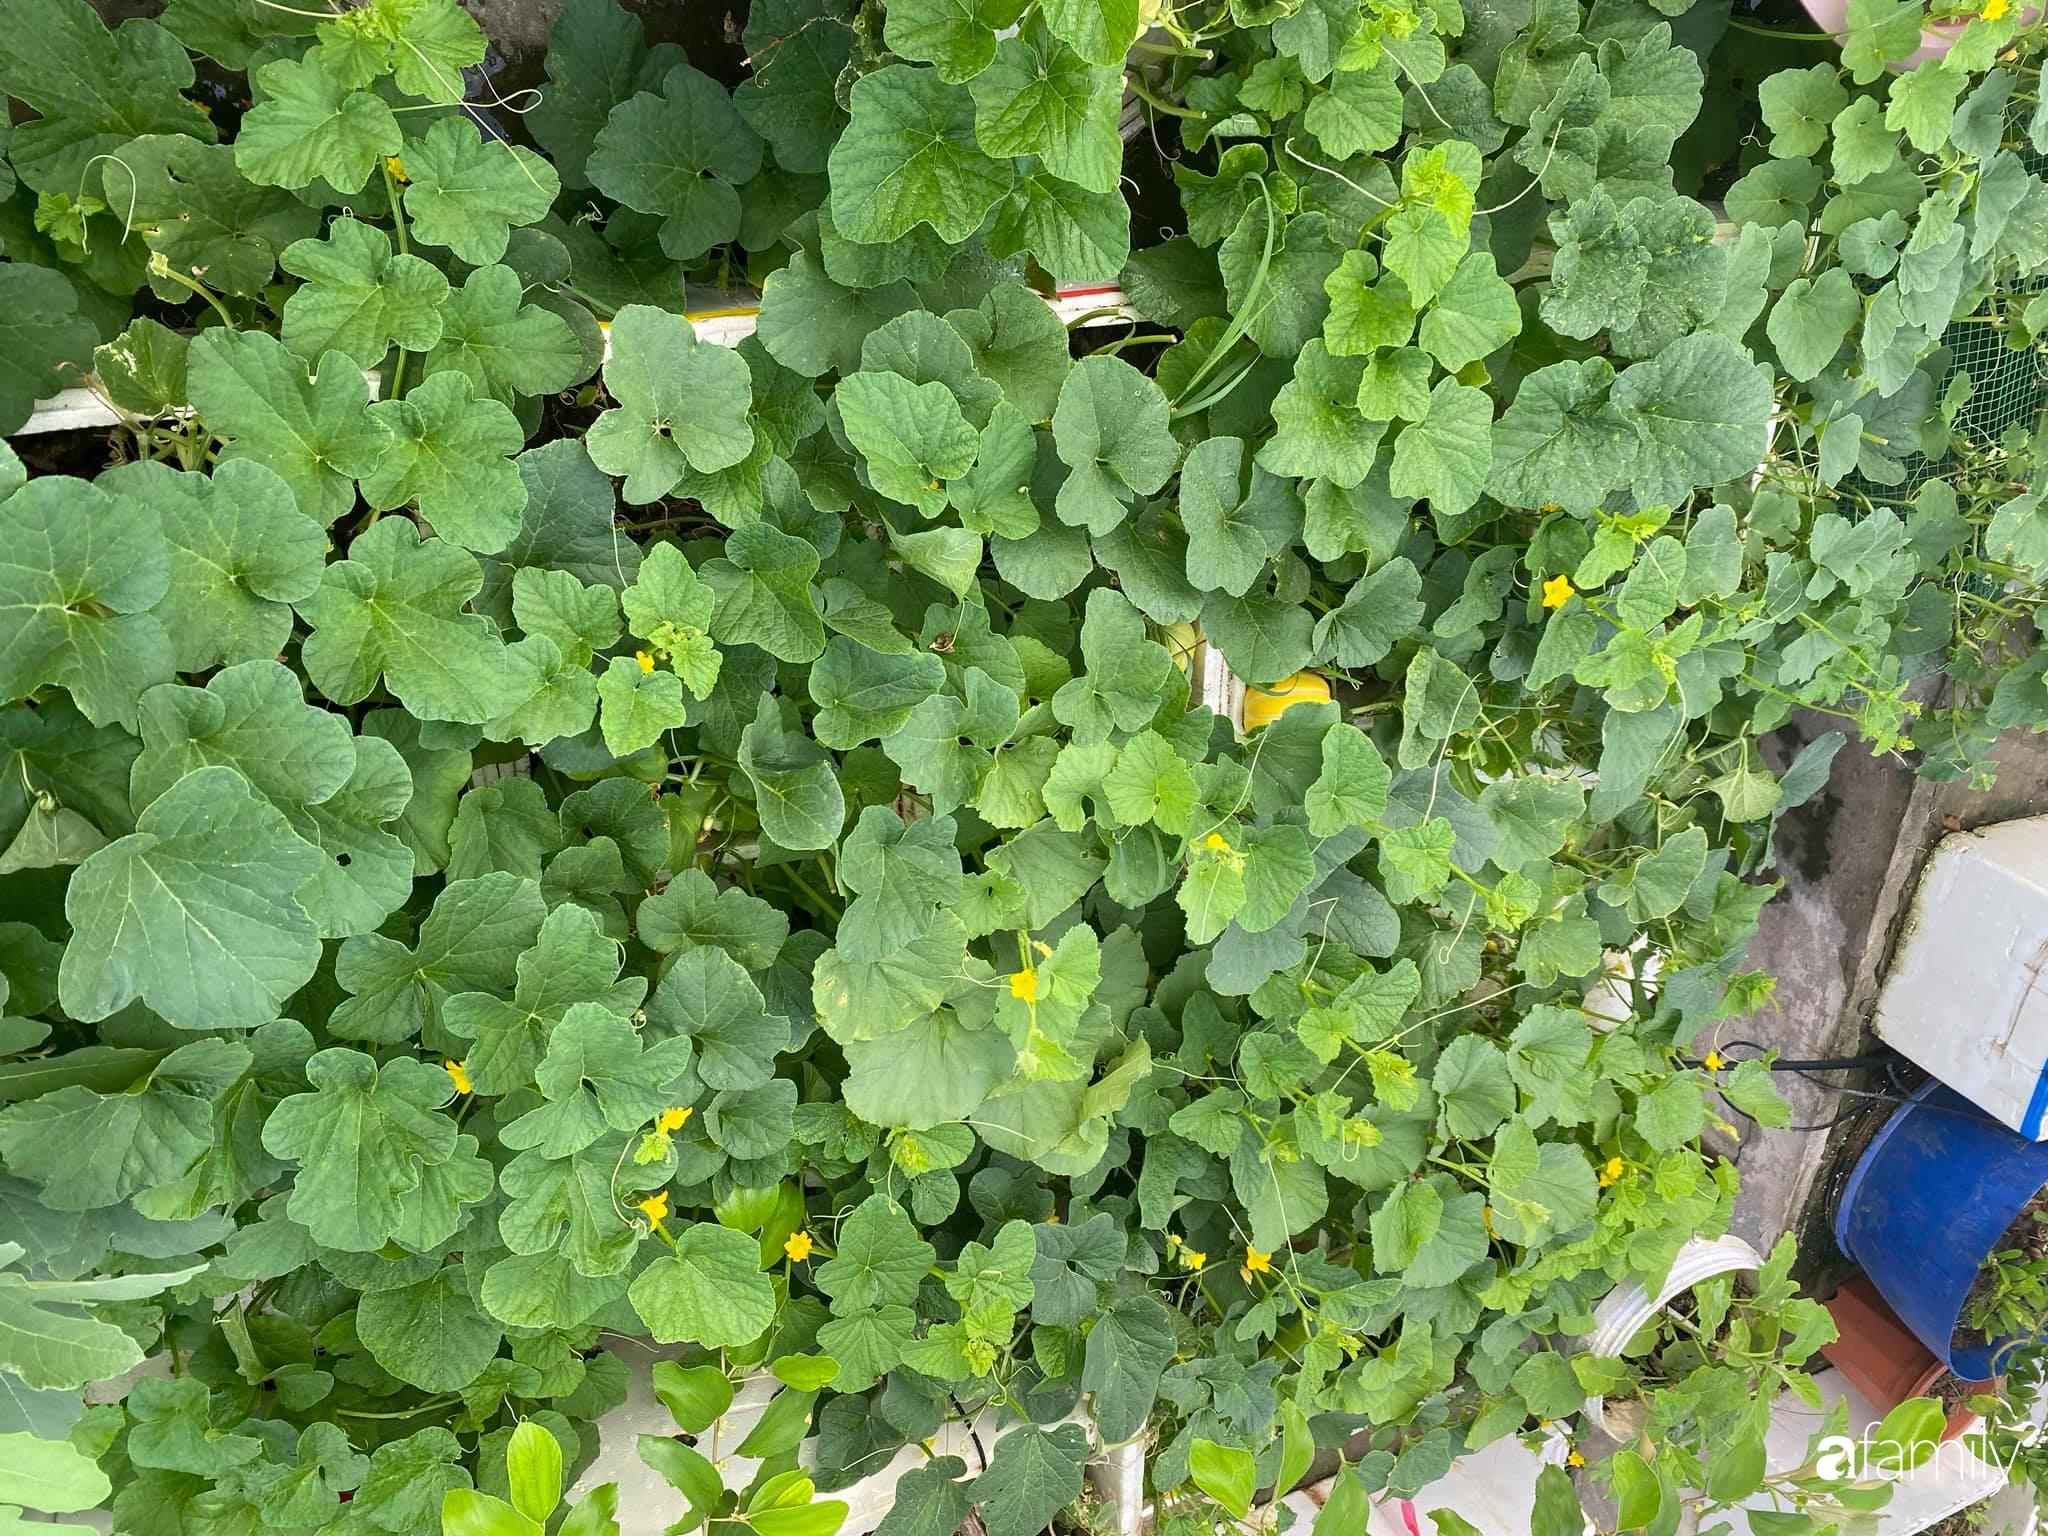 Tận dụng sân thượng chung cư, nữ giám đốc Hà Nội chi 8 triệu trồng đủ loại rau quả sạch - Ảnh 5.